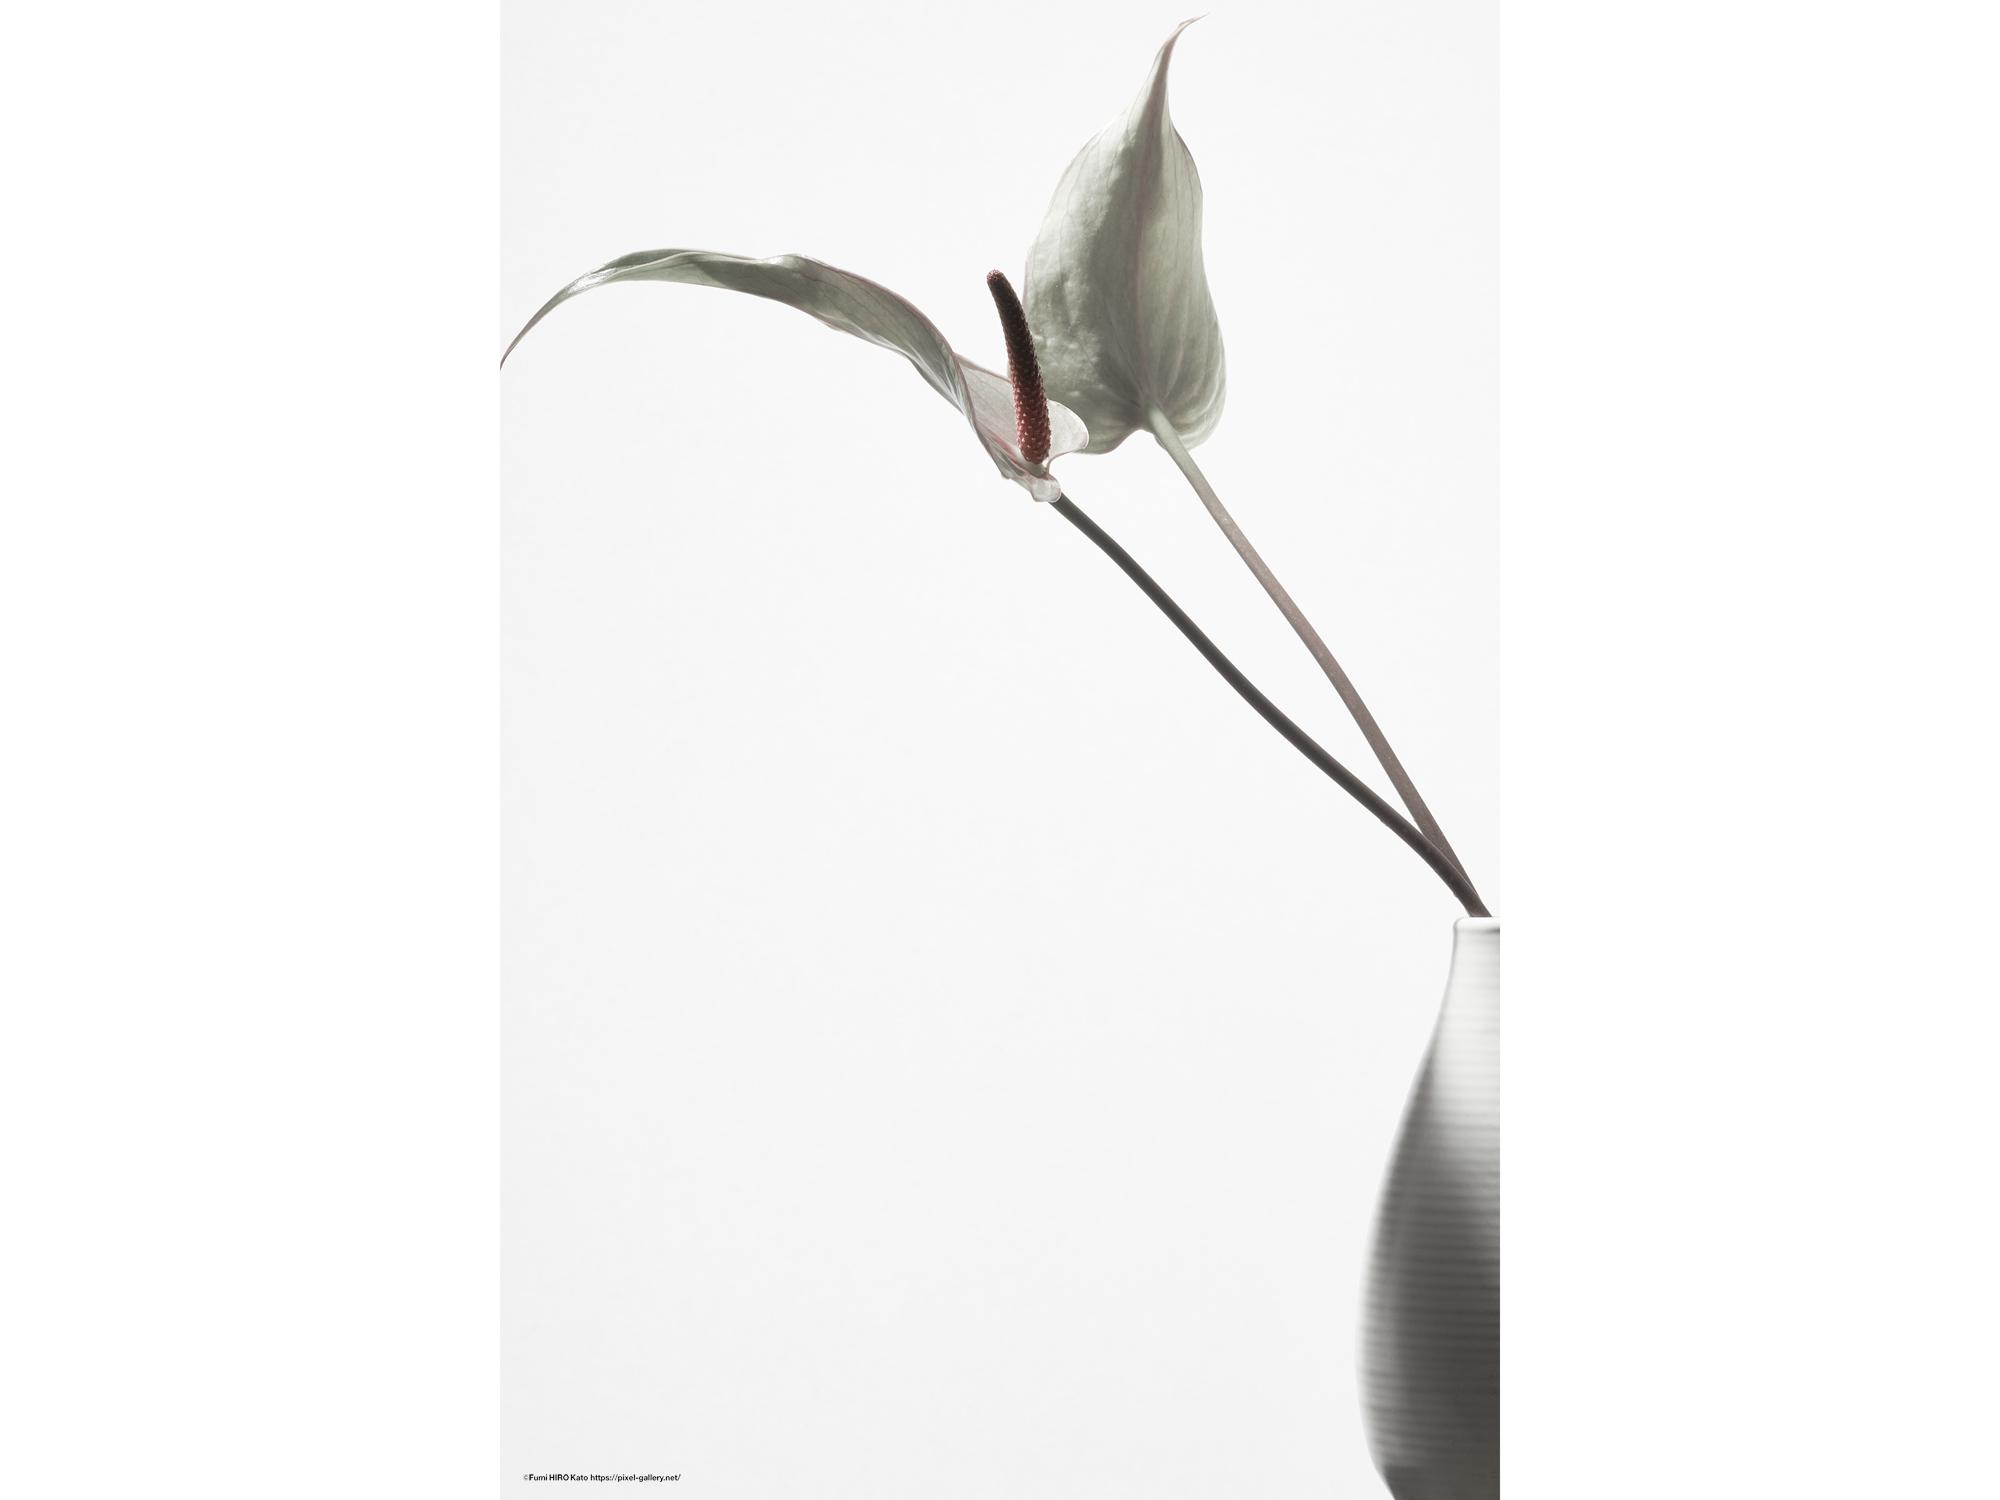 ハナ 2020-006 Anthurium #6